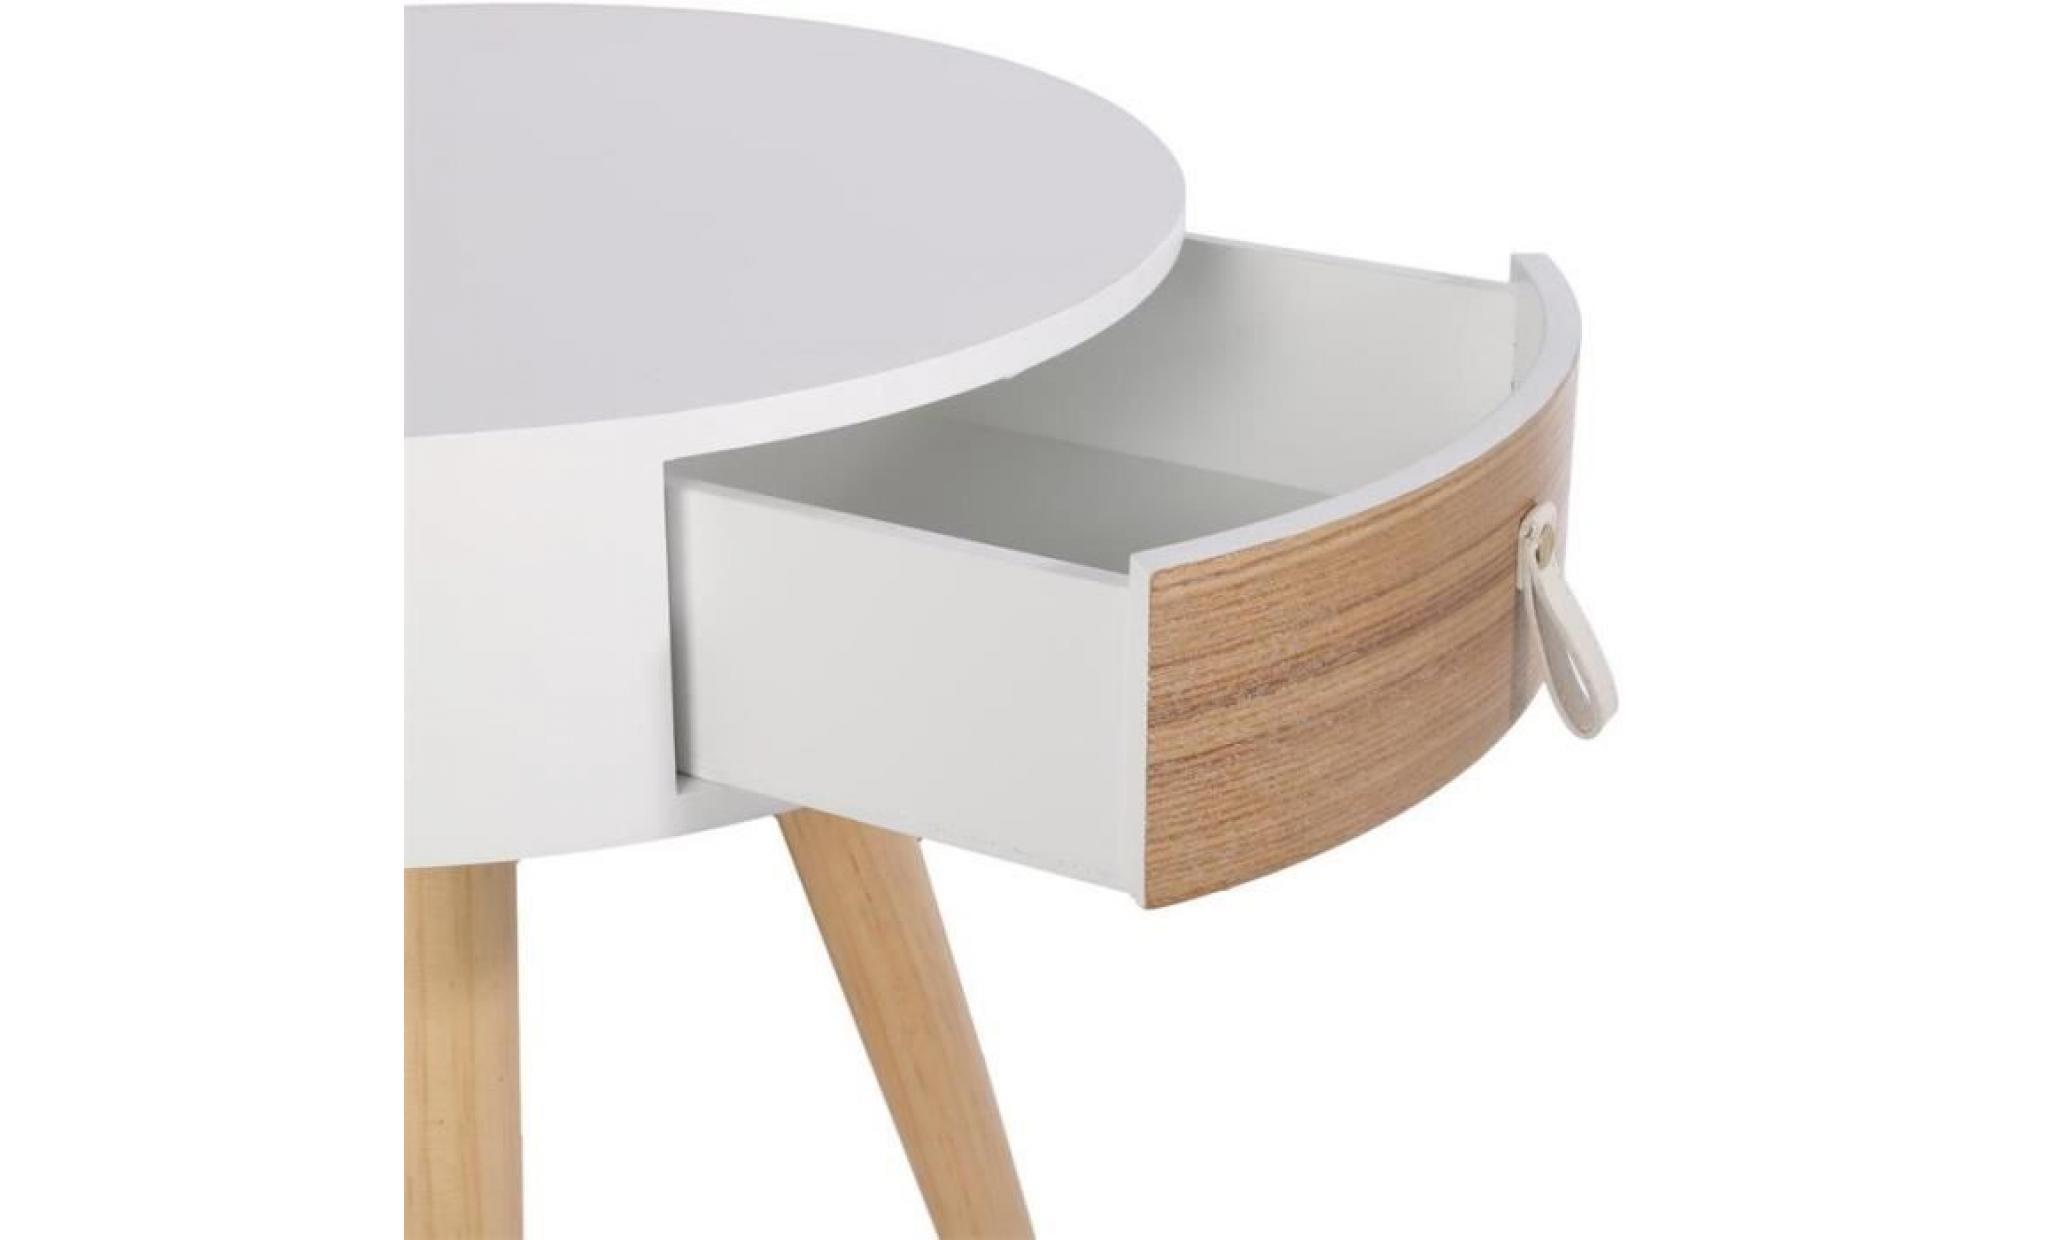 table de chevet ronde en bois avec tiroir nora d 7,7 x 7 cm blanc beige